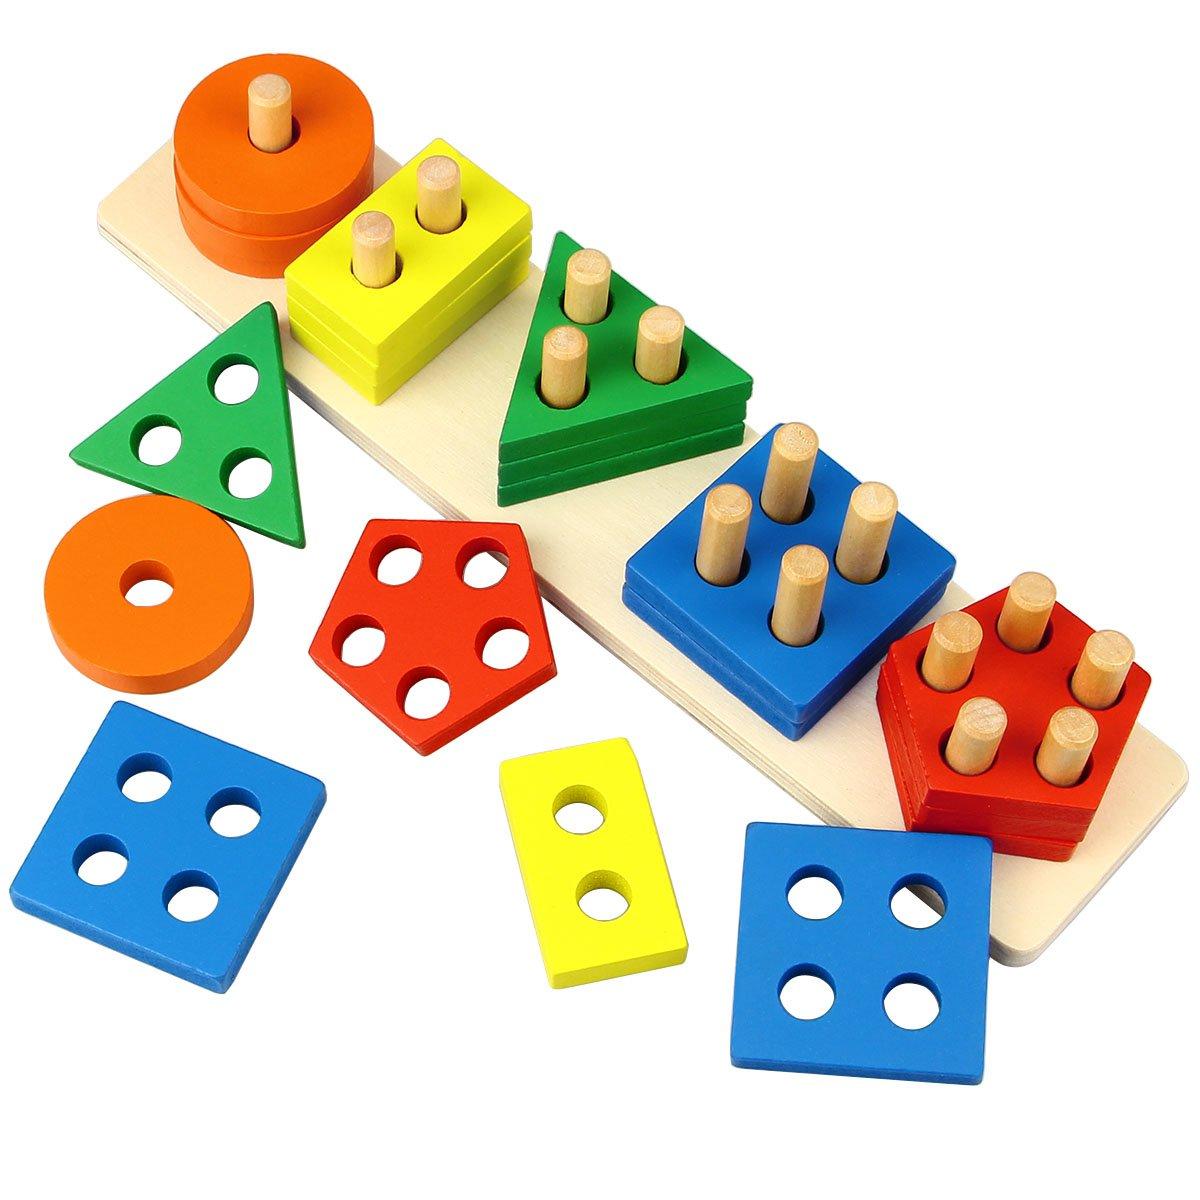 Empileur de formes géométriques